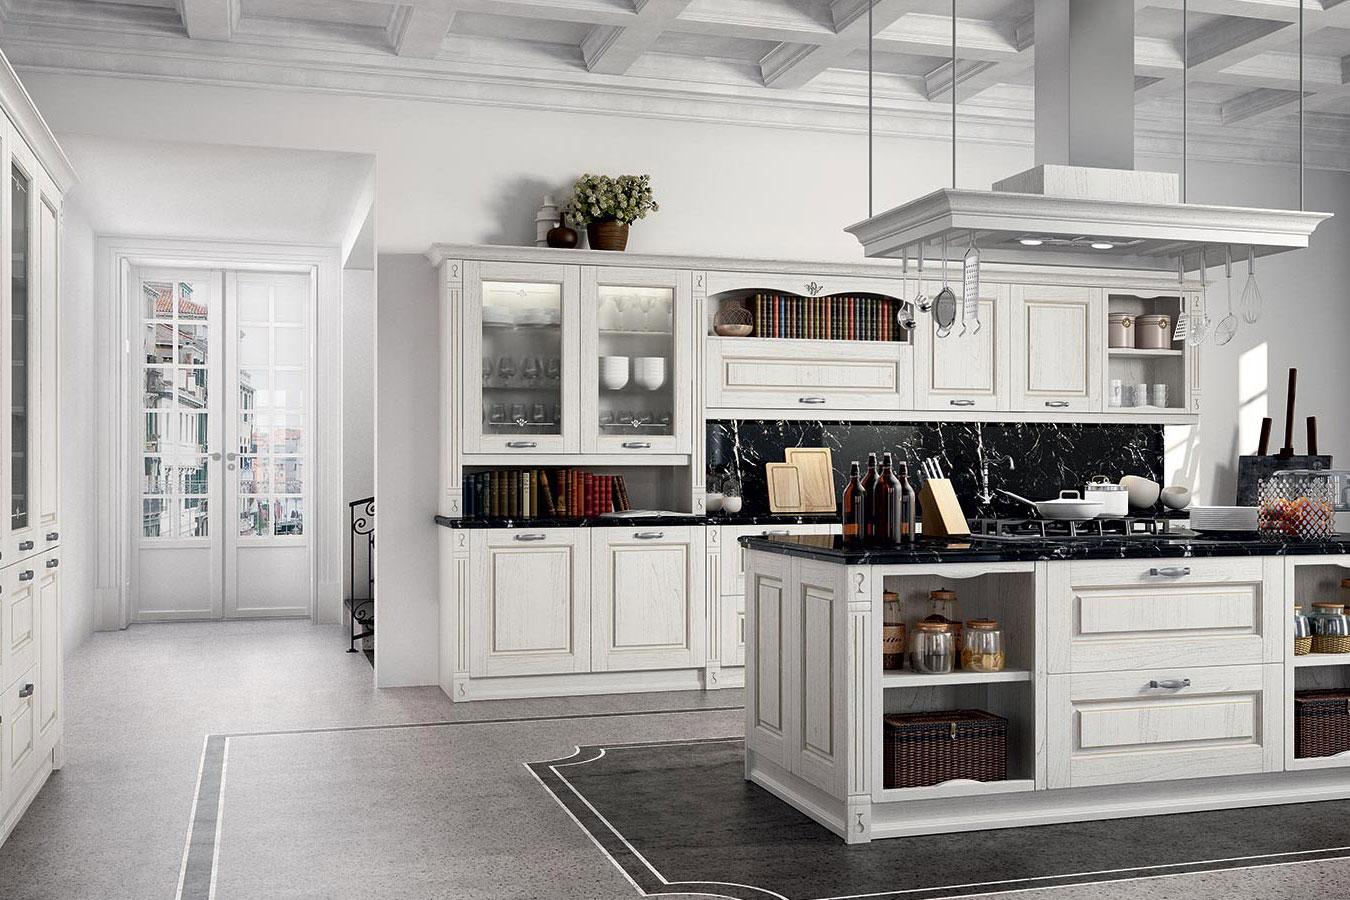 Mobili di cucina veronica in legno chiaro di cucine lube for Idee arredo cucina classica